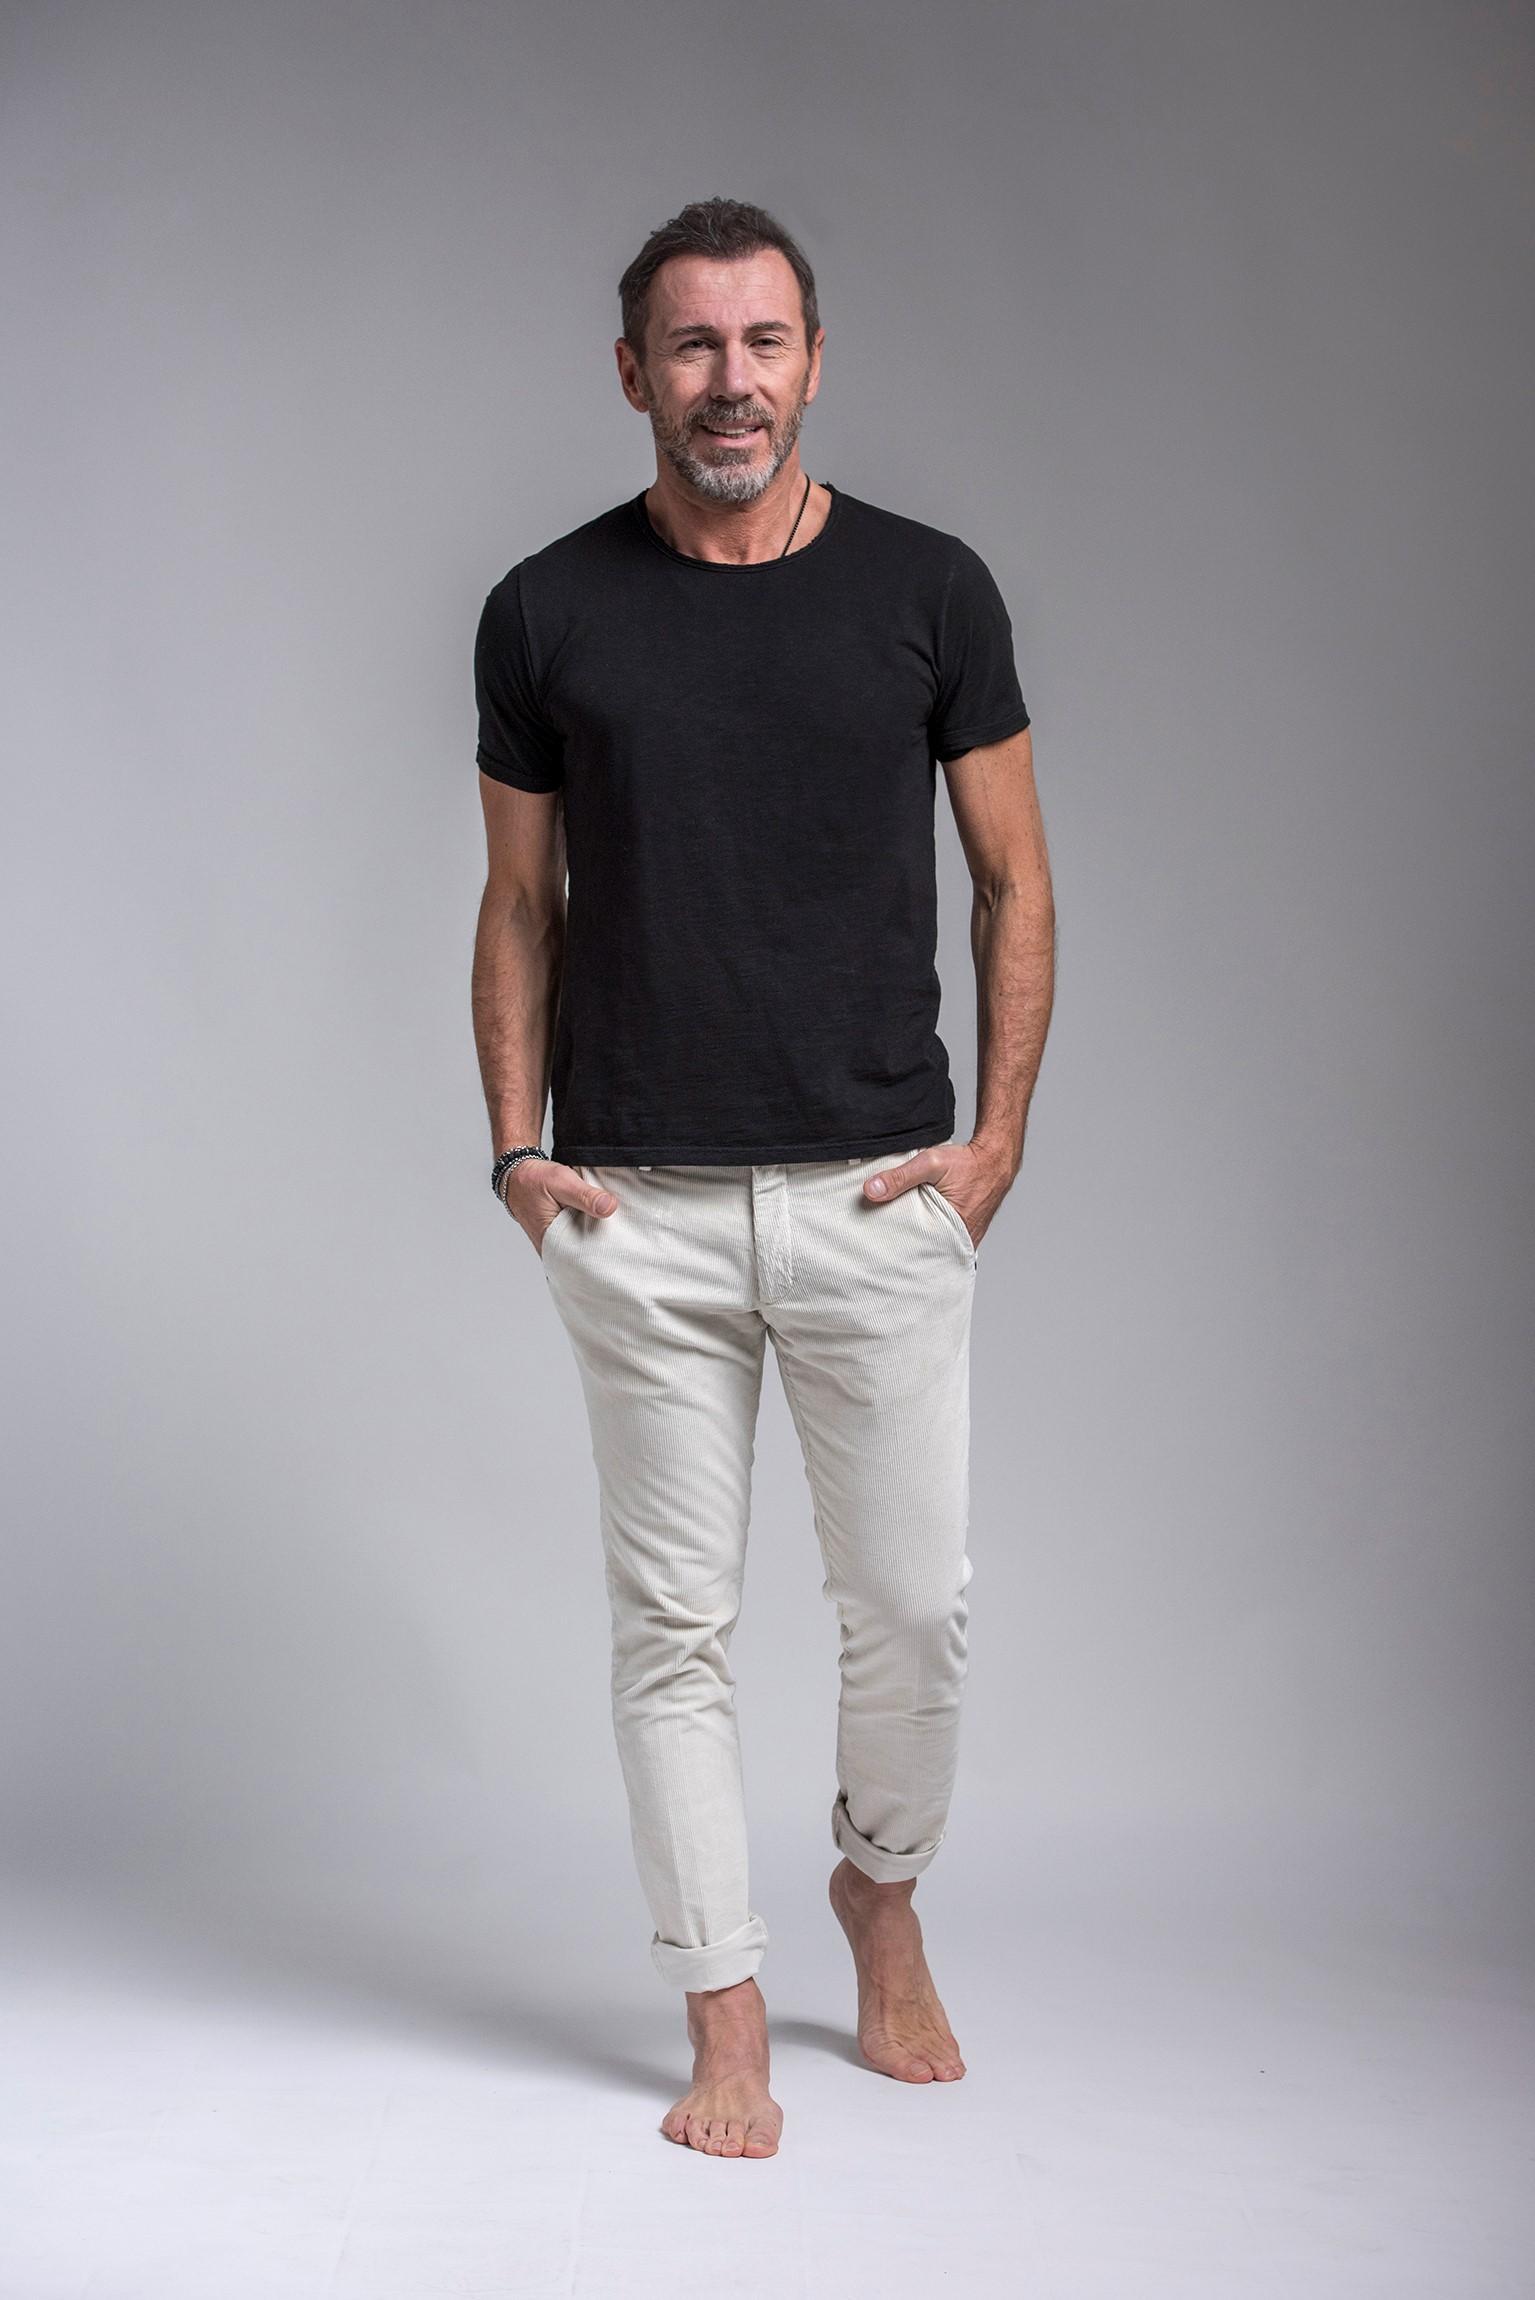 Massimiliano-G-Creative-Models-Agenzia-Modelli-Brescia